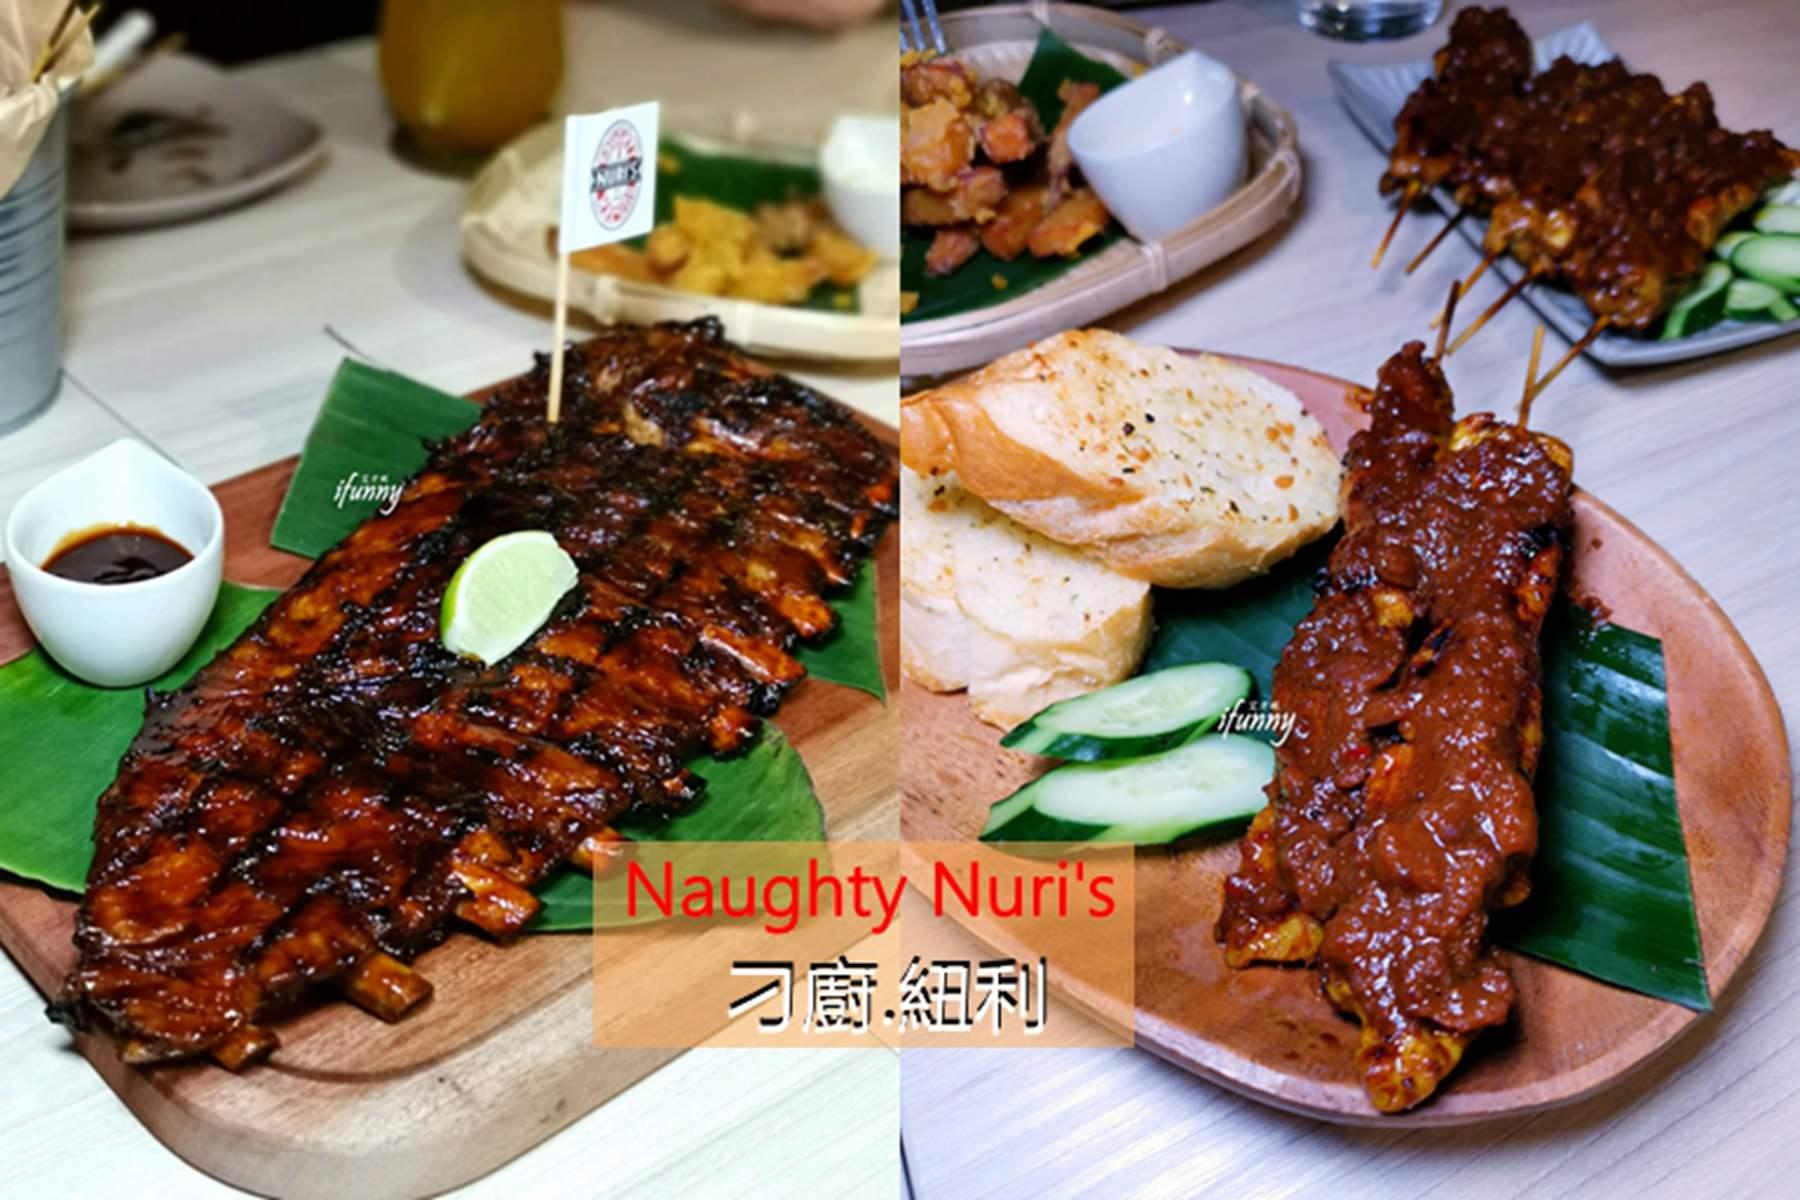 [忠孝敦化站]刁廚.紐利~峇里島必吃炭烤豬肋排 道地峇里島風味飄香台北東區 Naughty Nuri's Taiwan